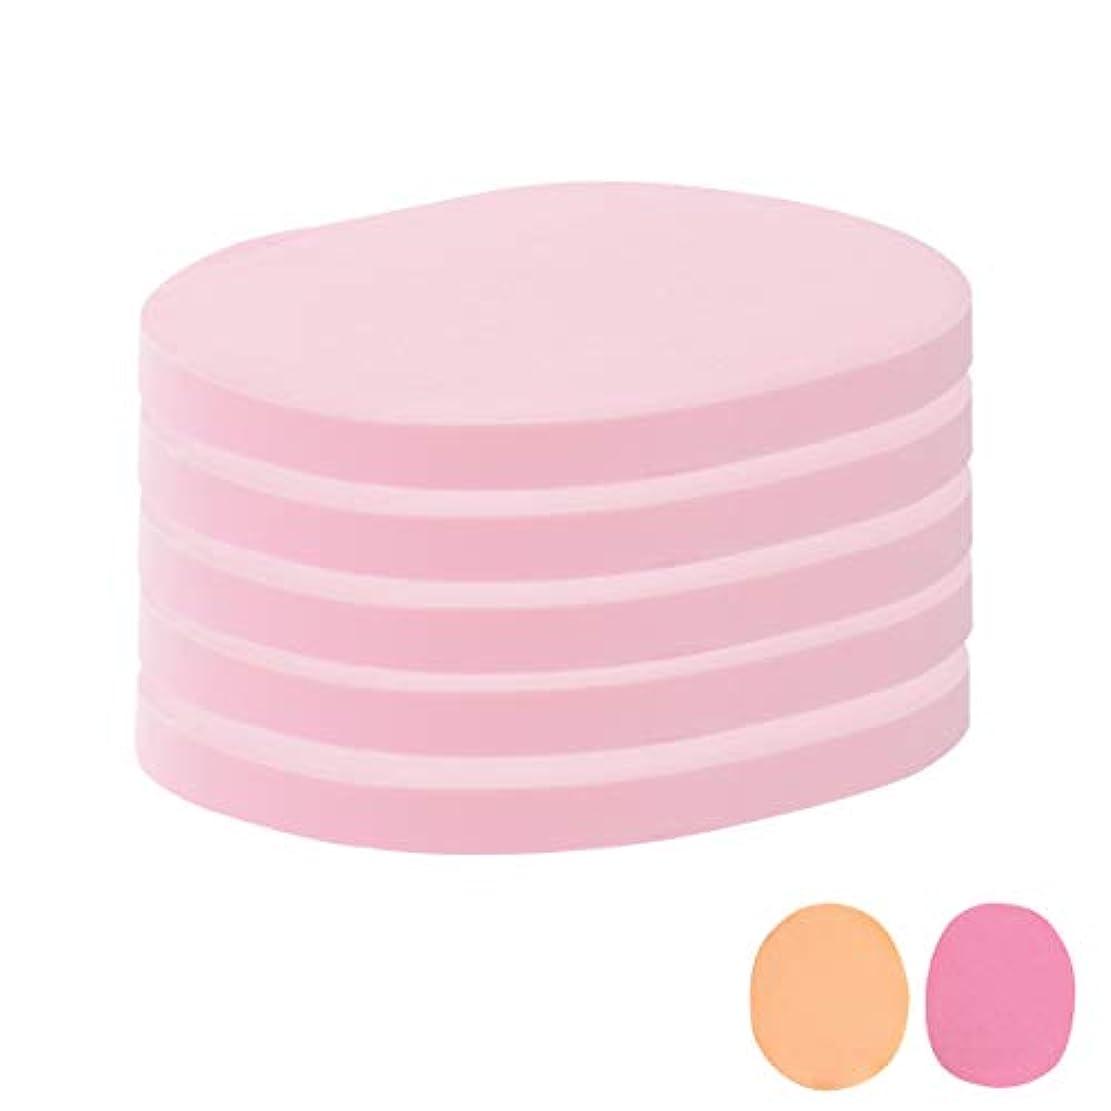 たとえ読み書きのできない必要としているフェイシャルスポンジ 全4種 10mm厚 (きめ細かい) 5枚入 ピンク [ フェイススポンジ マッサージスポンジ フェイシャル フェイス 顔用 洗顔 エステ スポンジ パフ クレンジング パック マスク 拭き取り ]